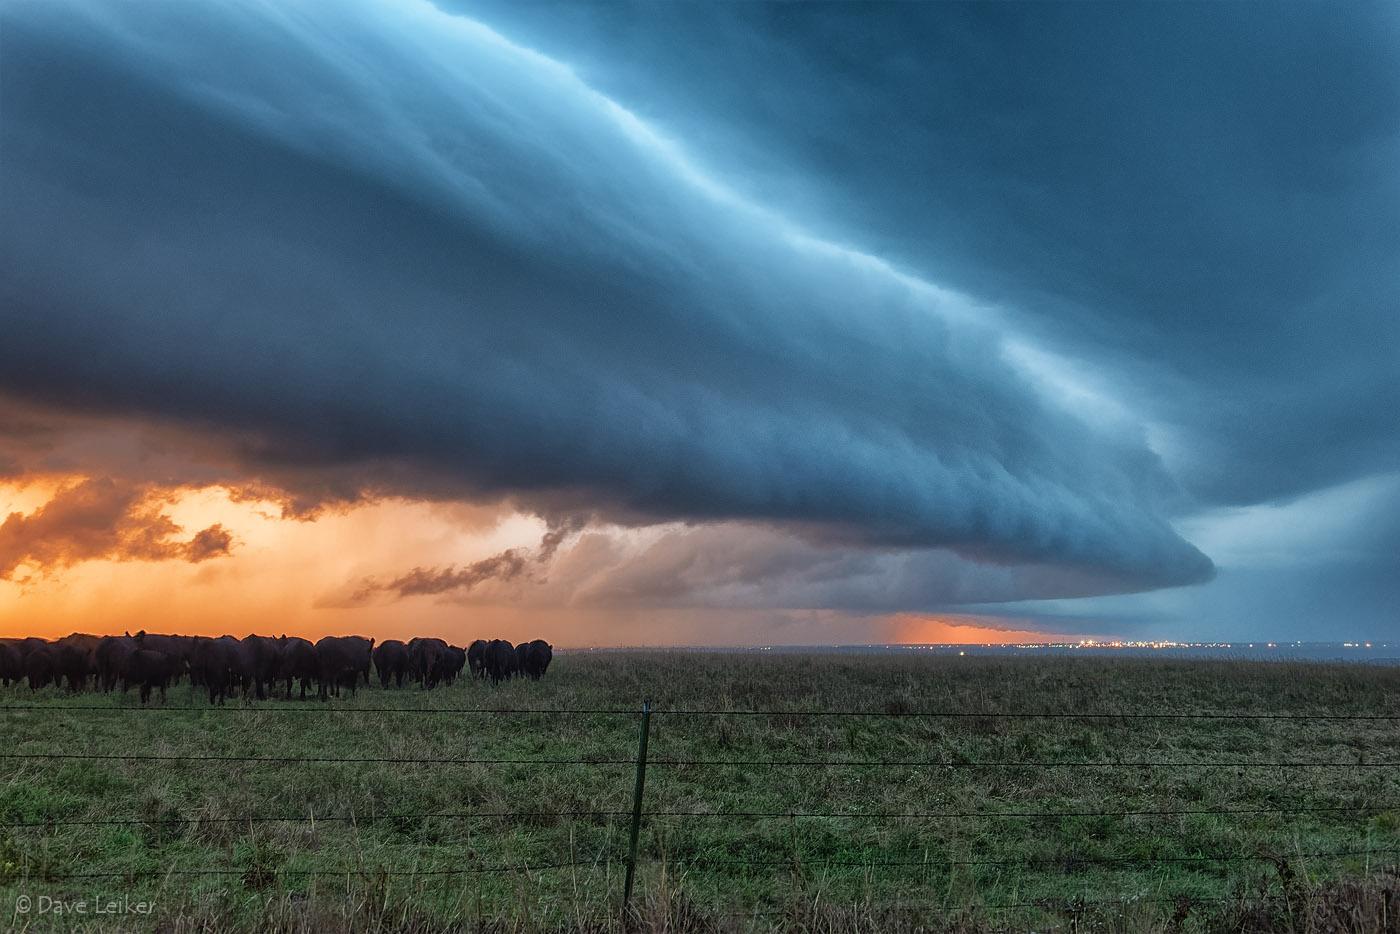 October Storm - frame 4597